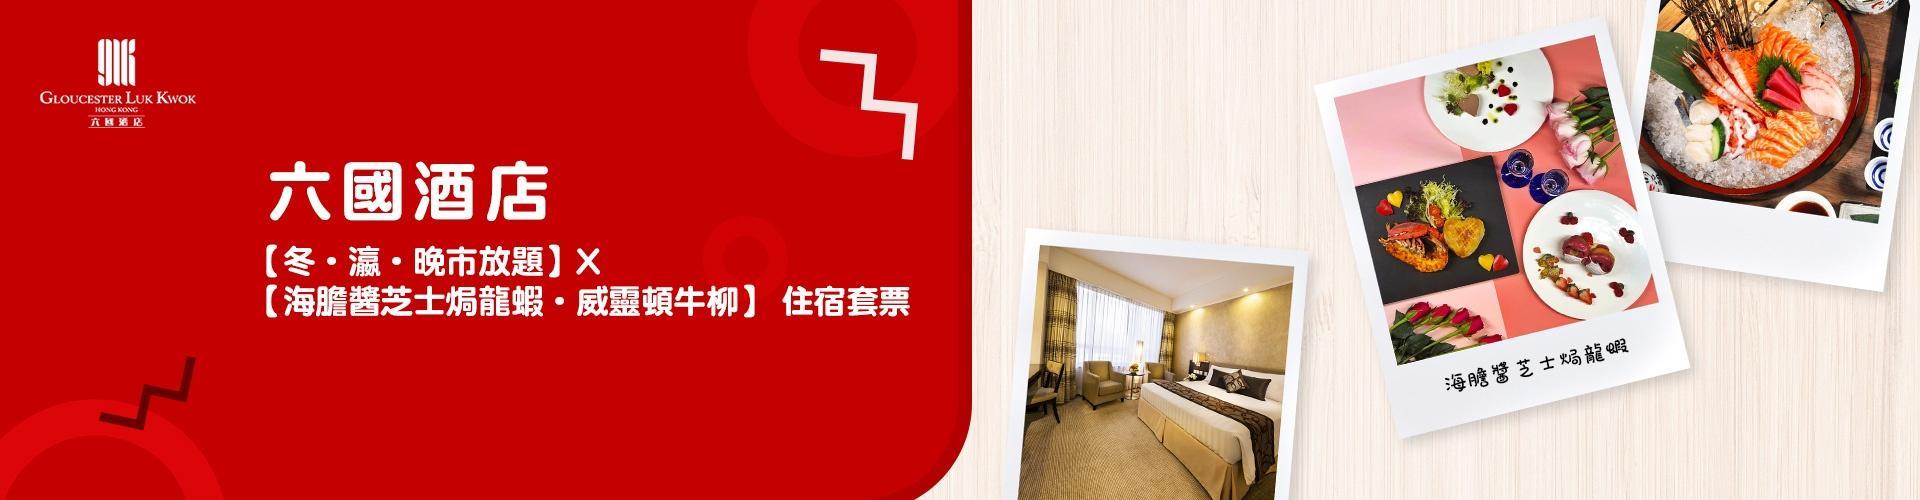 六國酒店住宿套票 --【冬‧瀛‧晚市放題 X 海膽醬芝士焗龍蝦‧威靈頓牛柳】